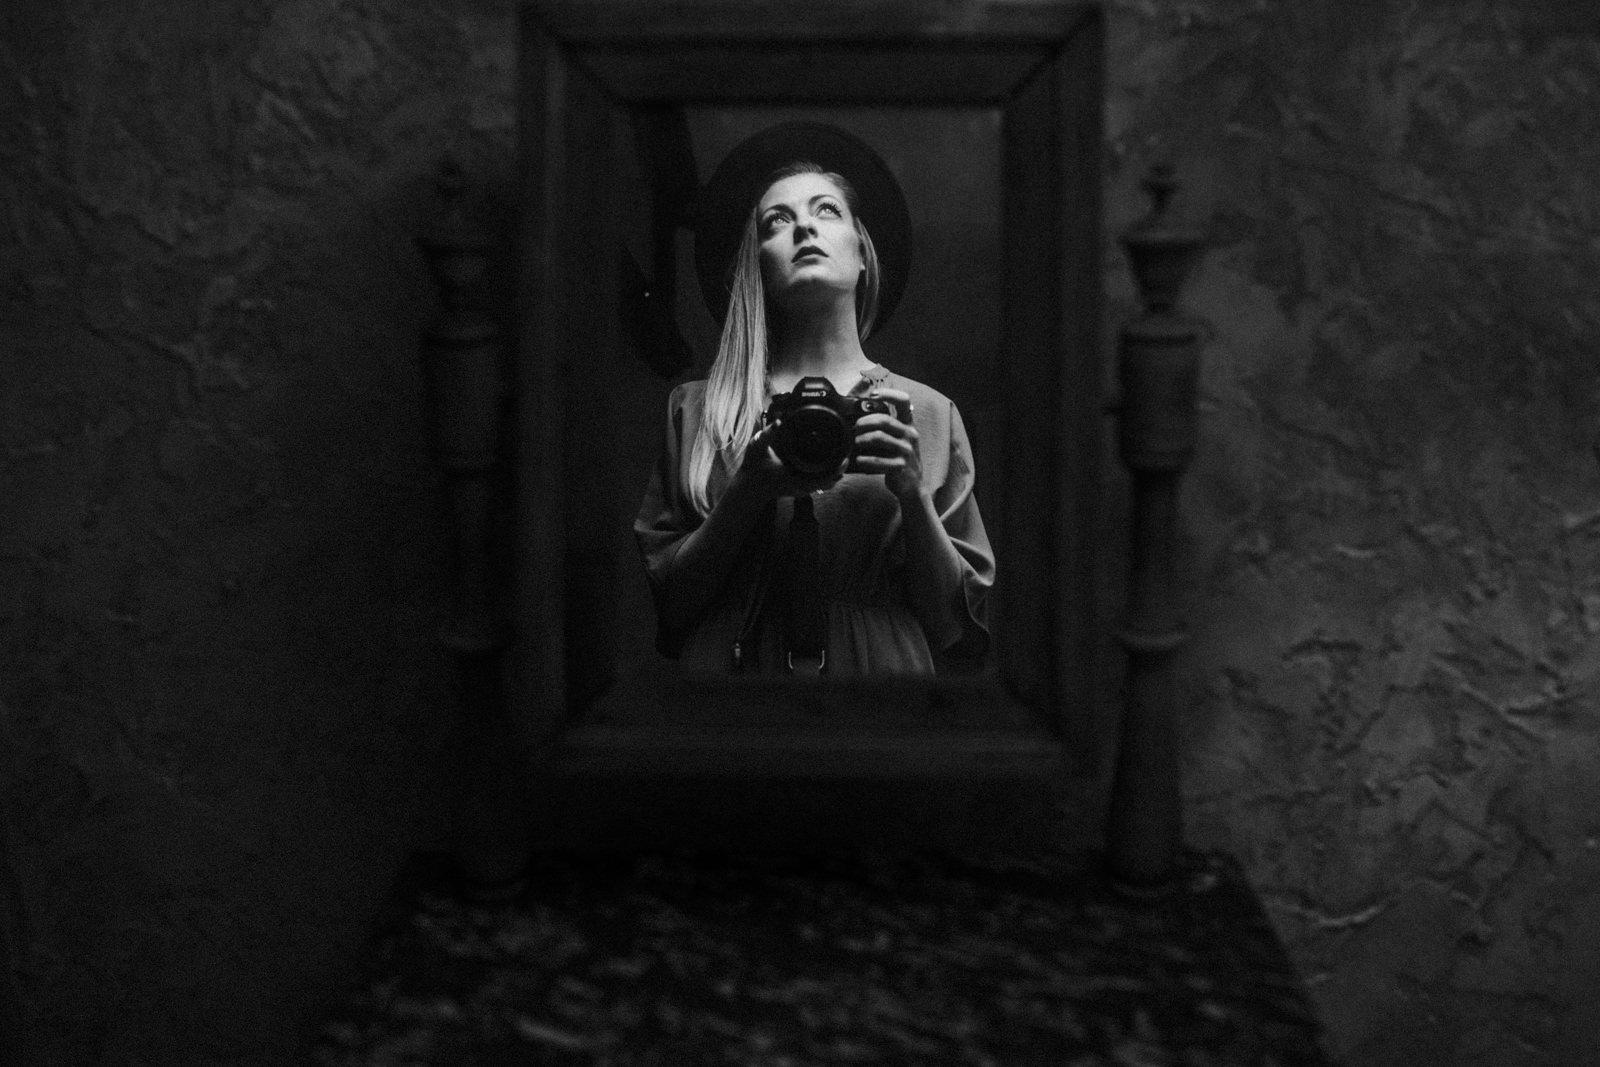 fotografkou Daliborou Bijelić